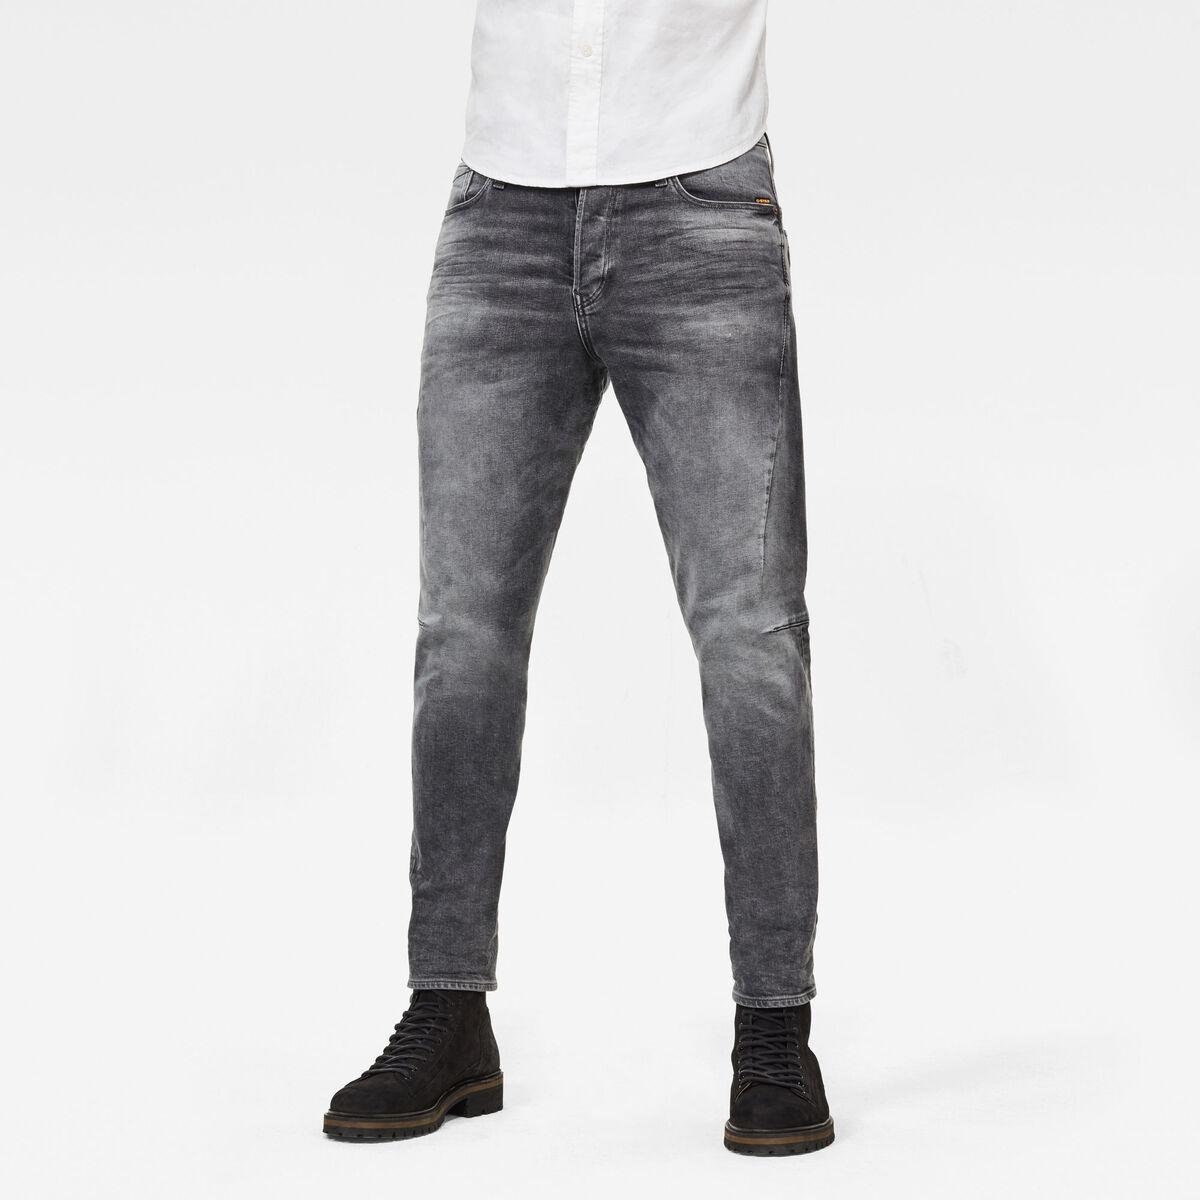 Bild 1 von Scutar 3D Slim Tapered Jeans